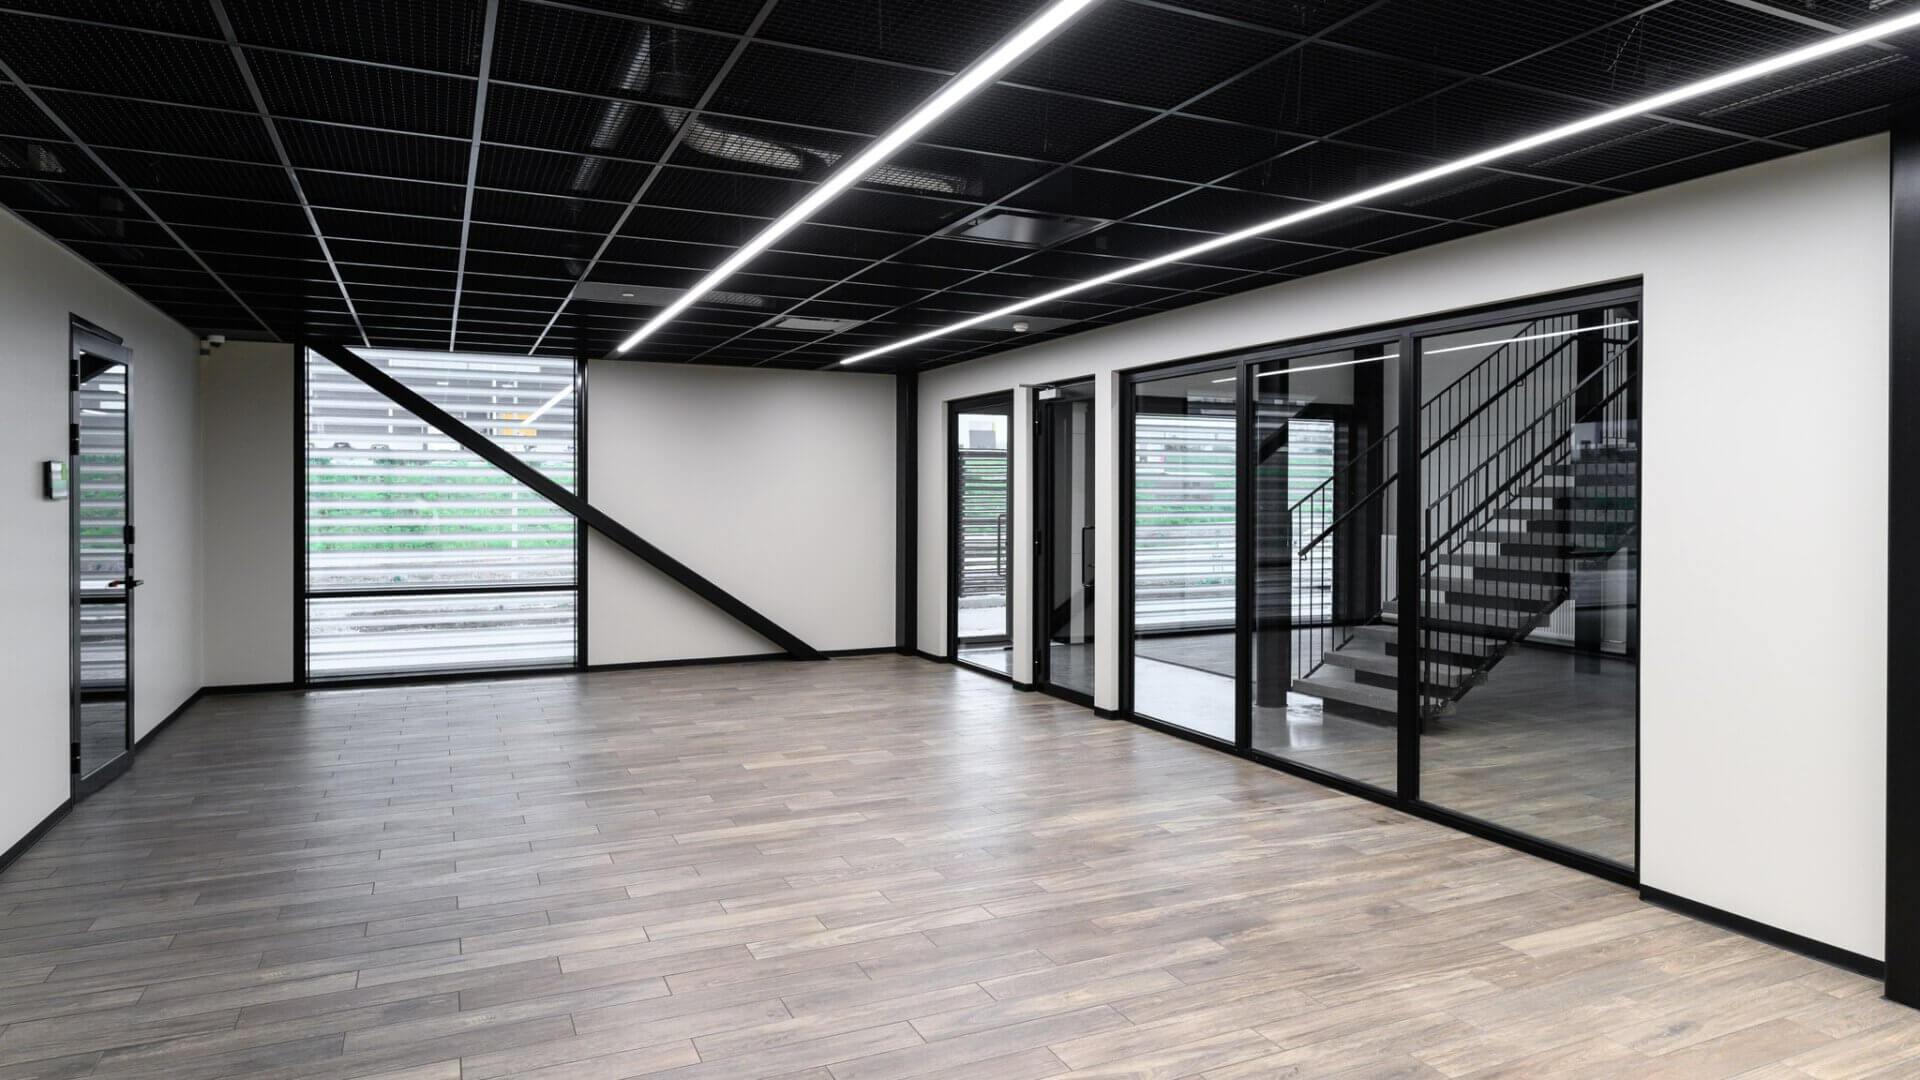 Novatronin uudet toimisto- ja tuotantotilat 3